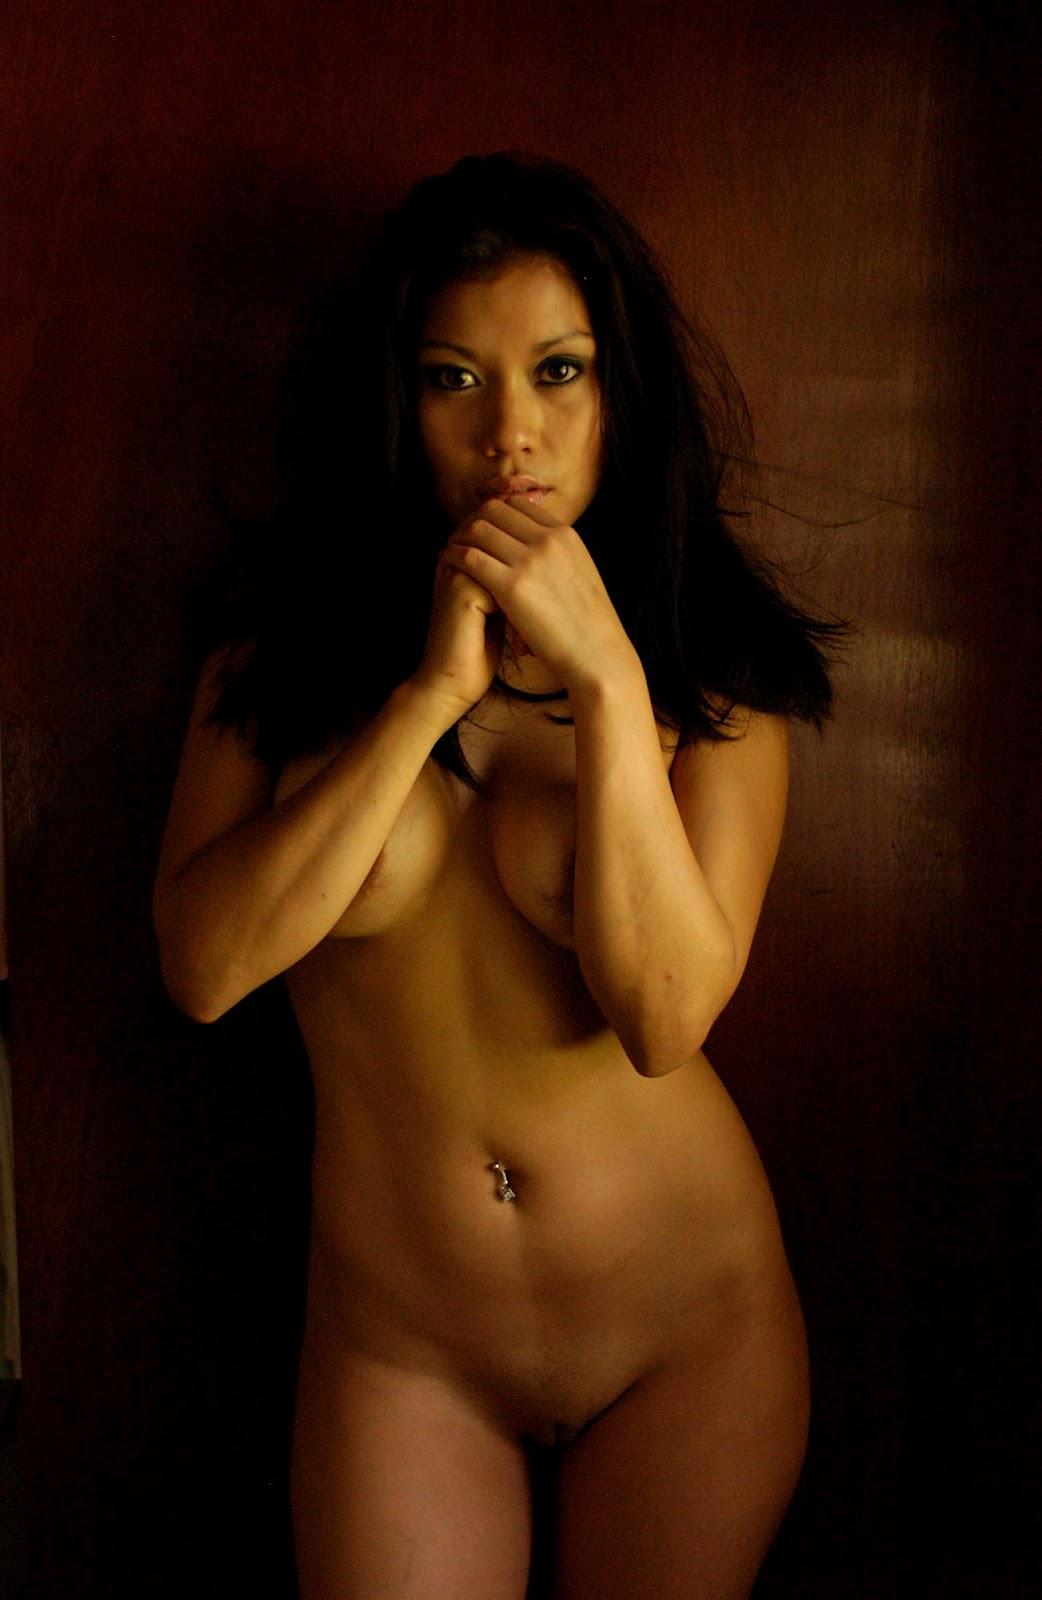 big hip and ass naked women